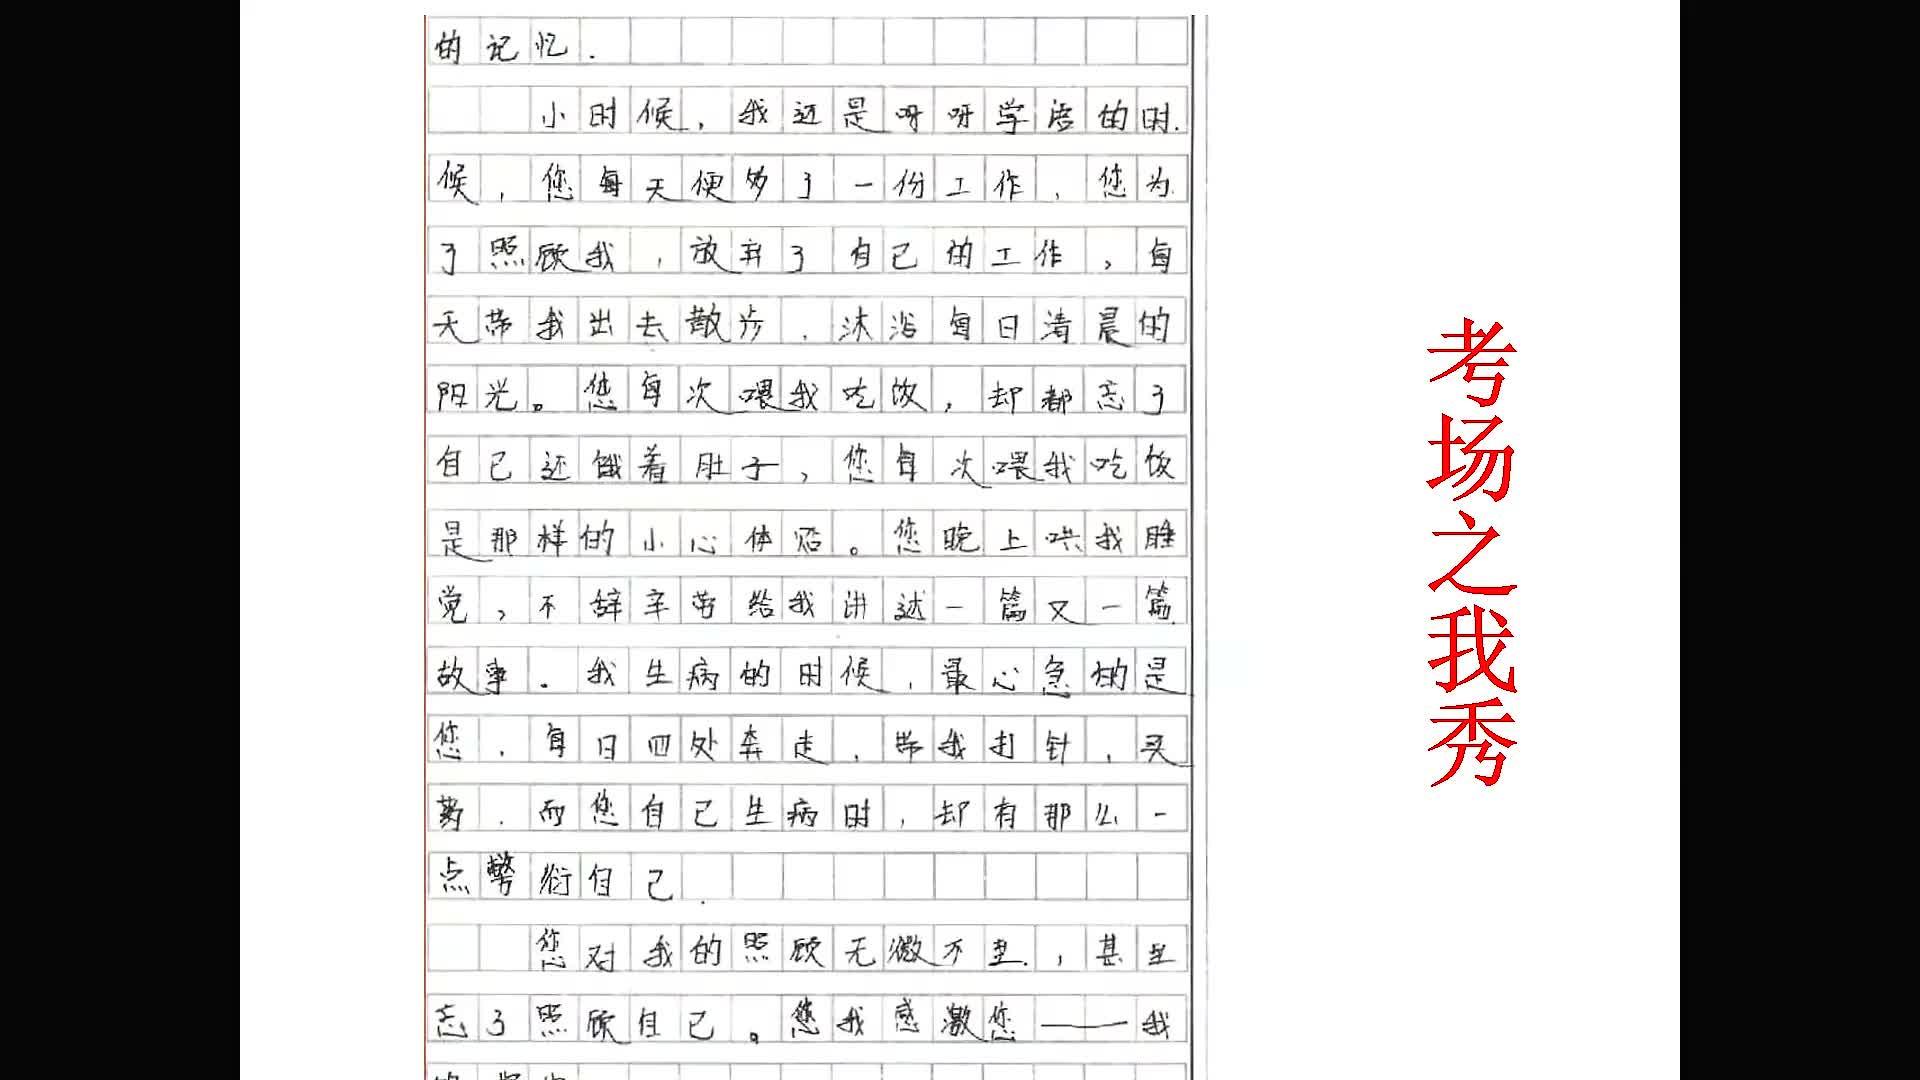 人教版 高一语文 必修一 学会捕捉和表达动情点-作文指导